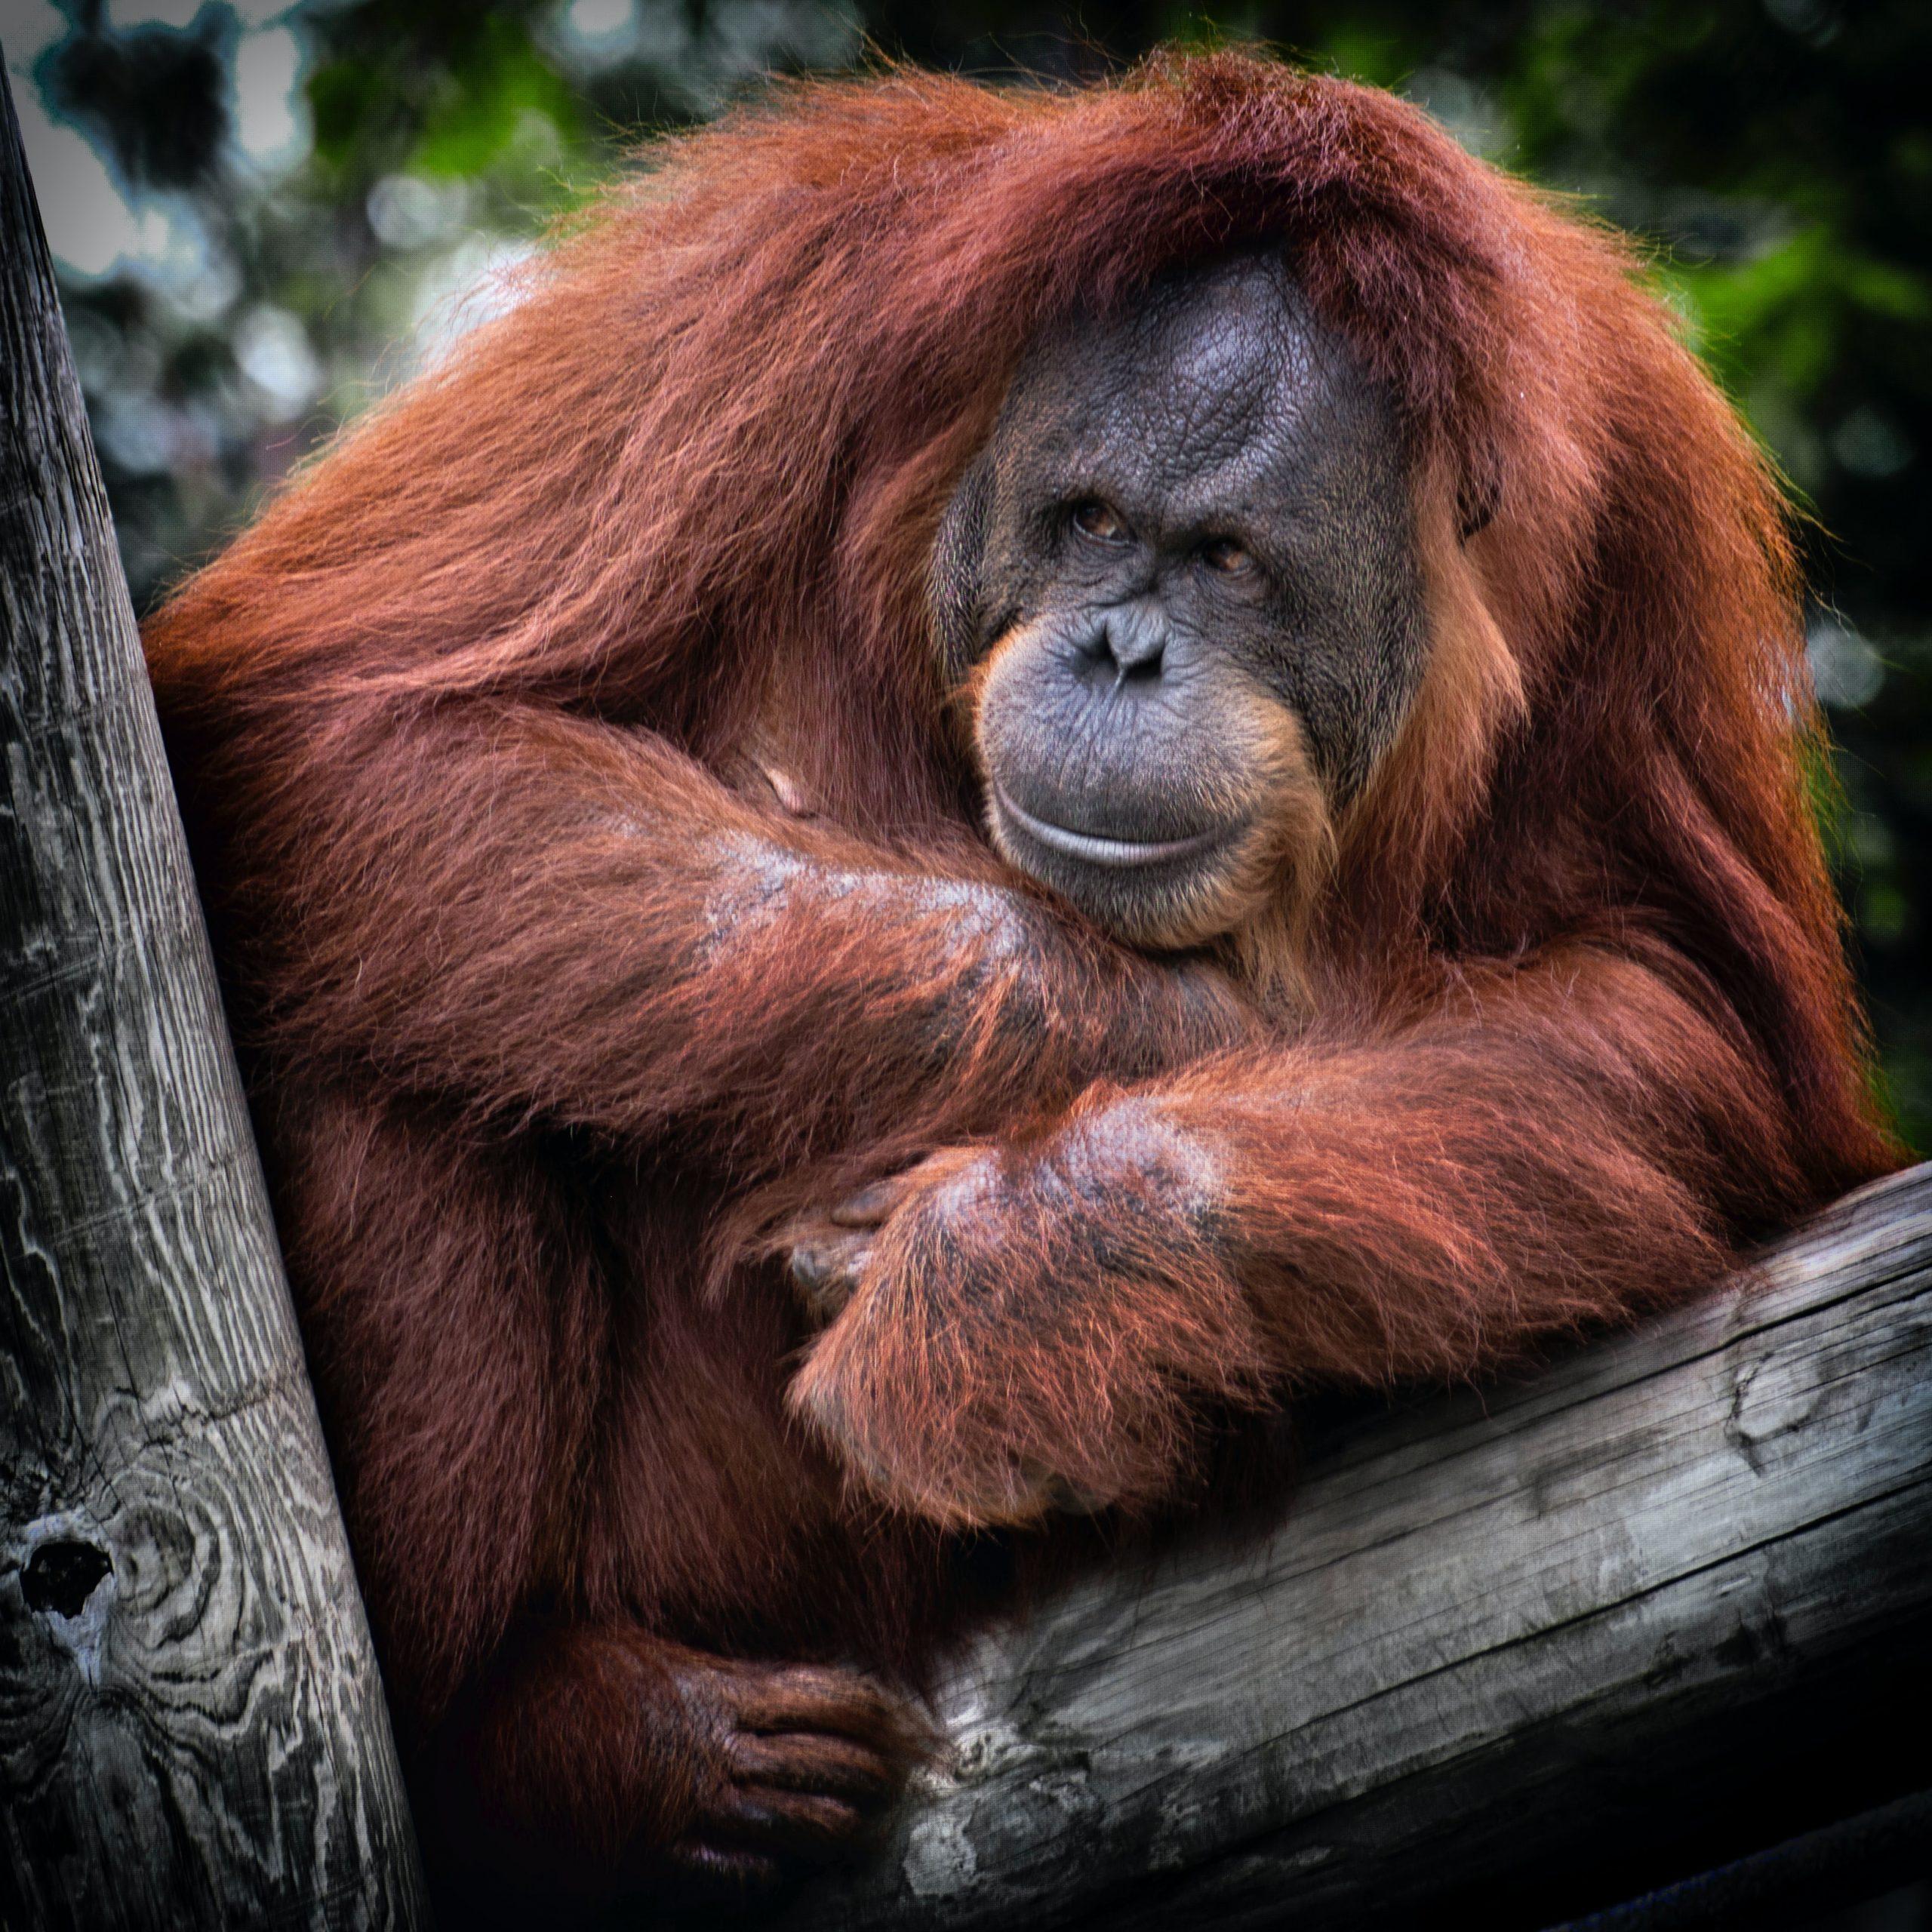 Ganz entspannt sitzt der Orang Utan auf dem Seil und betrachtet uns Menschen. Was ihm wohl durch den Kopf geht?